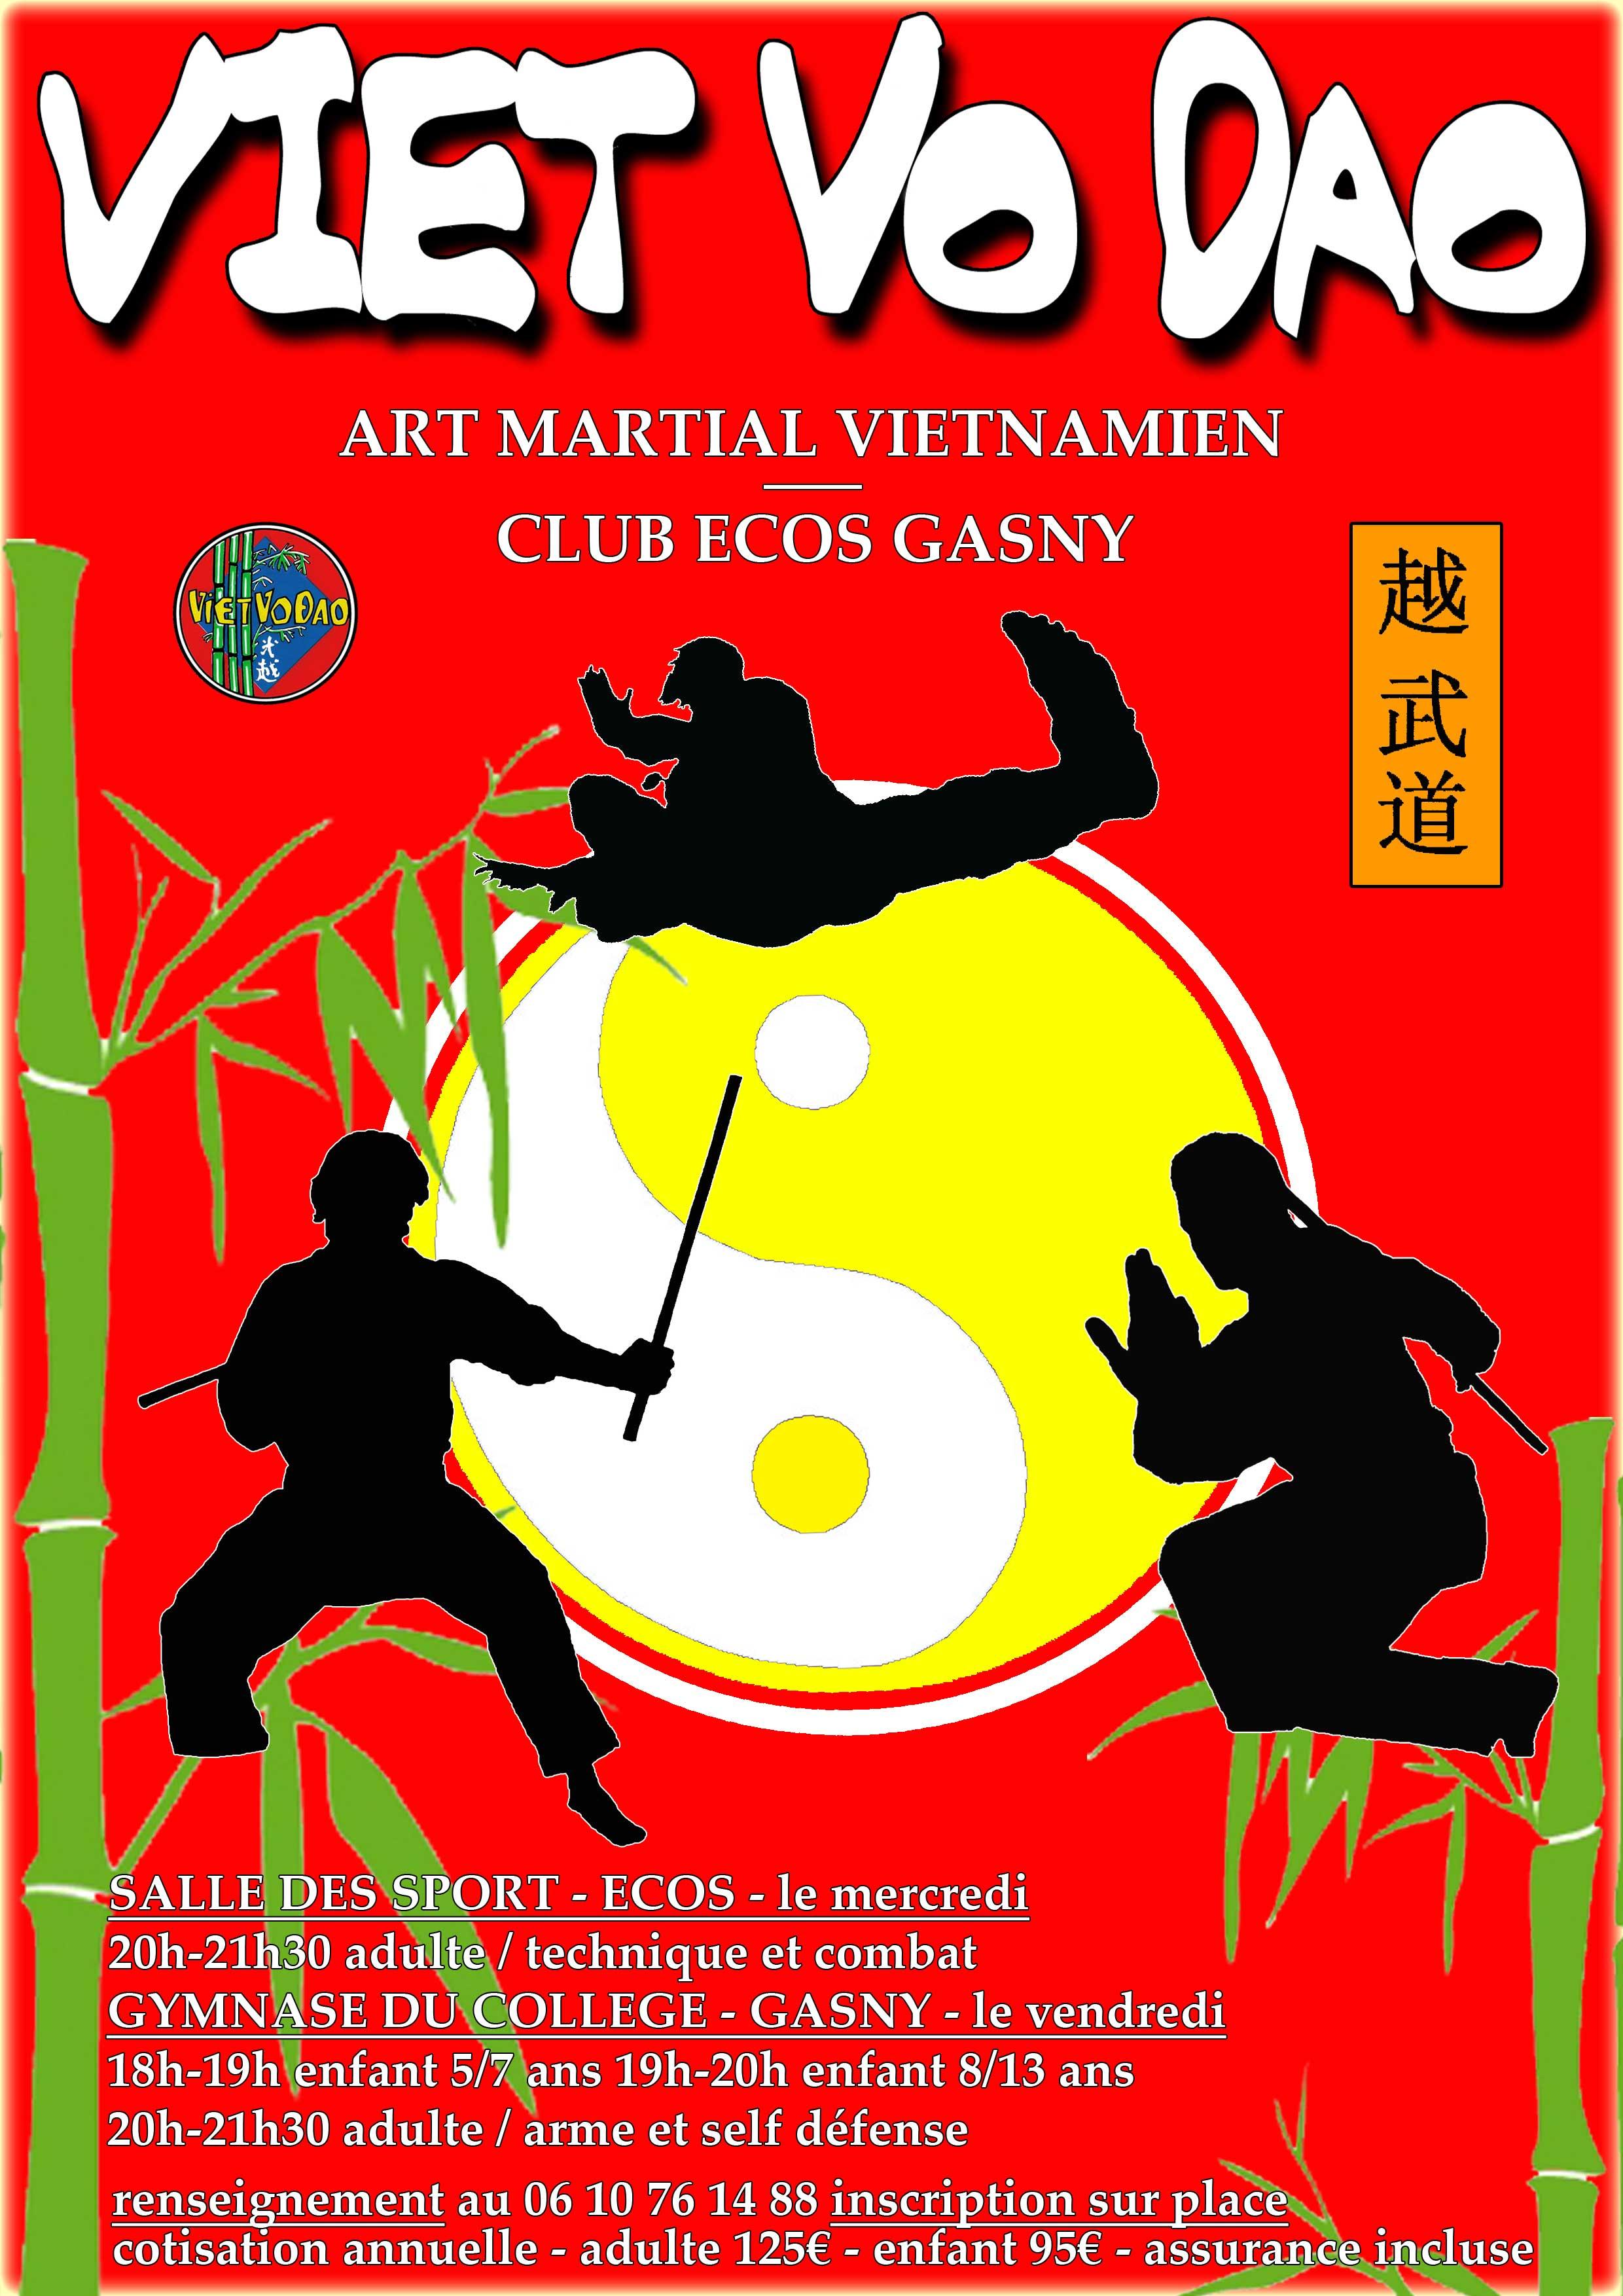 Viet vo dao ecos gasny archive du blog saison 2015 2016 for Arts martiaux pdf